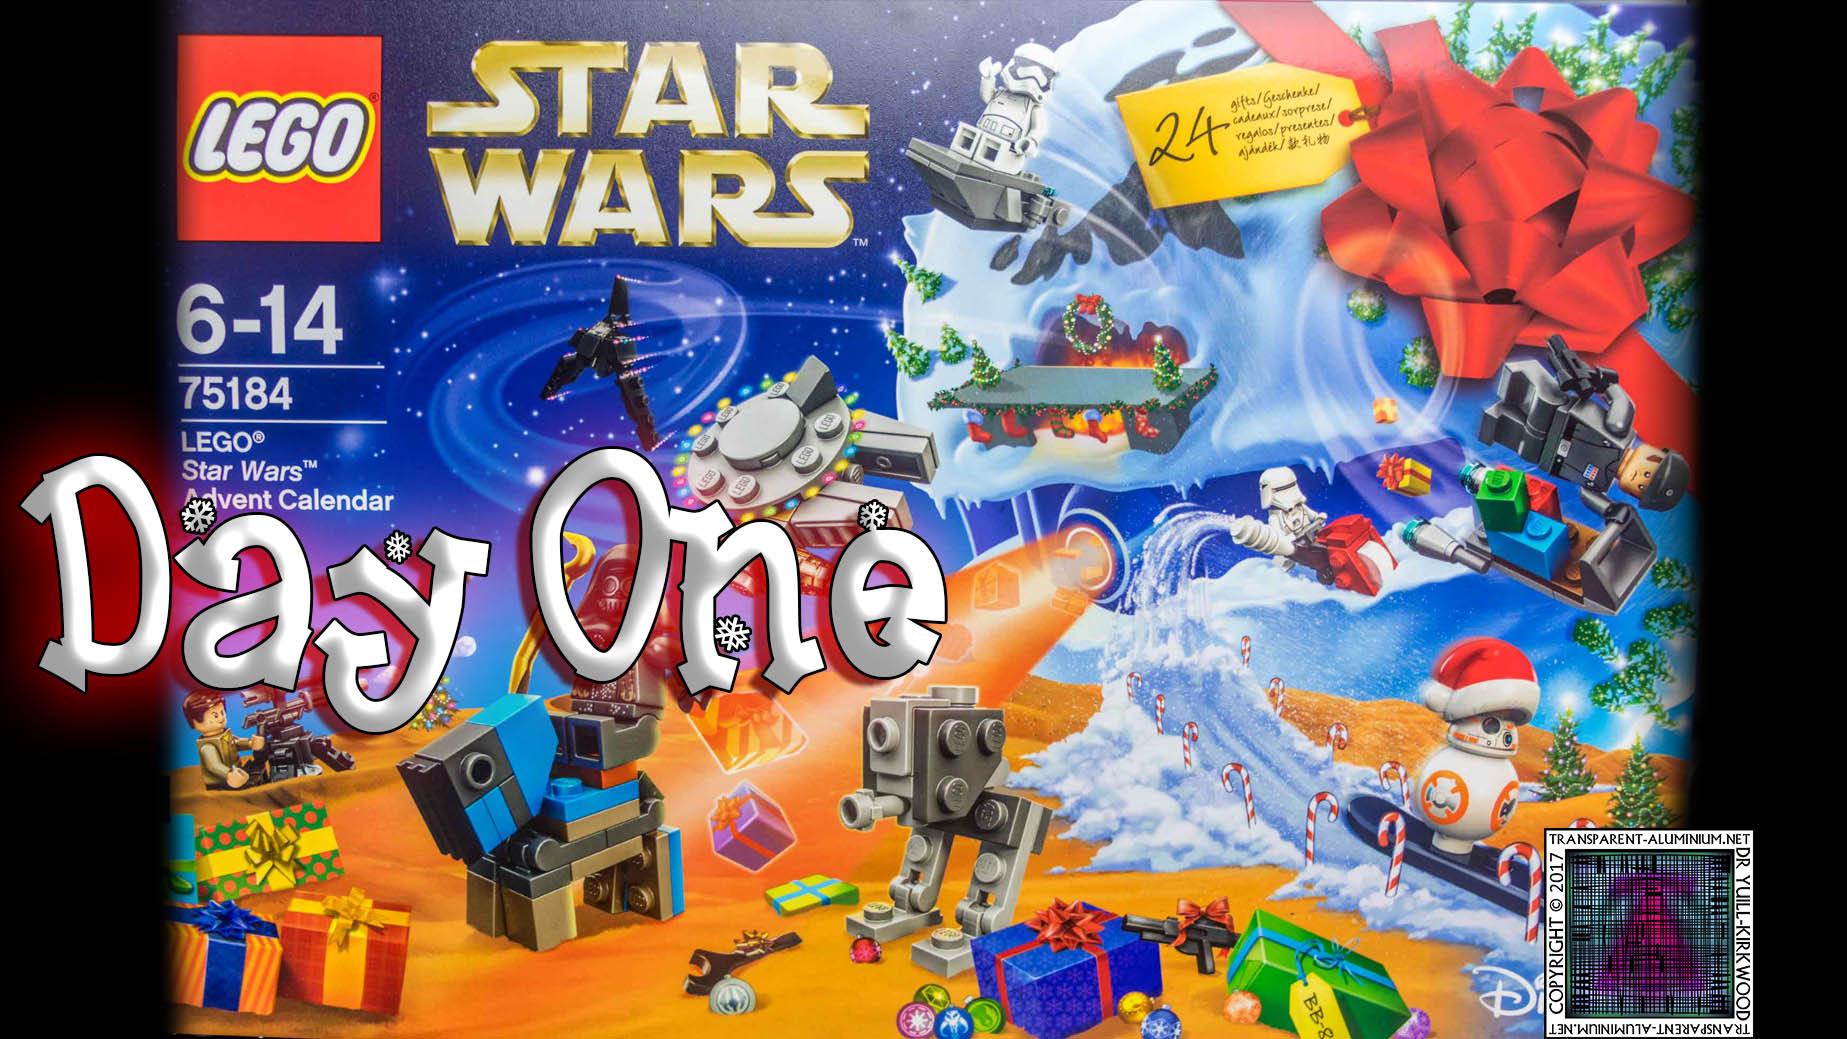 lego star wars advent calendar day 1 75184 transparent. Black Bedroom Furniture Sets. Home Design Ideas